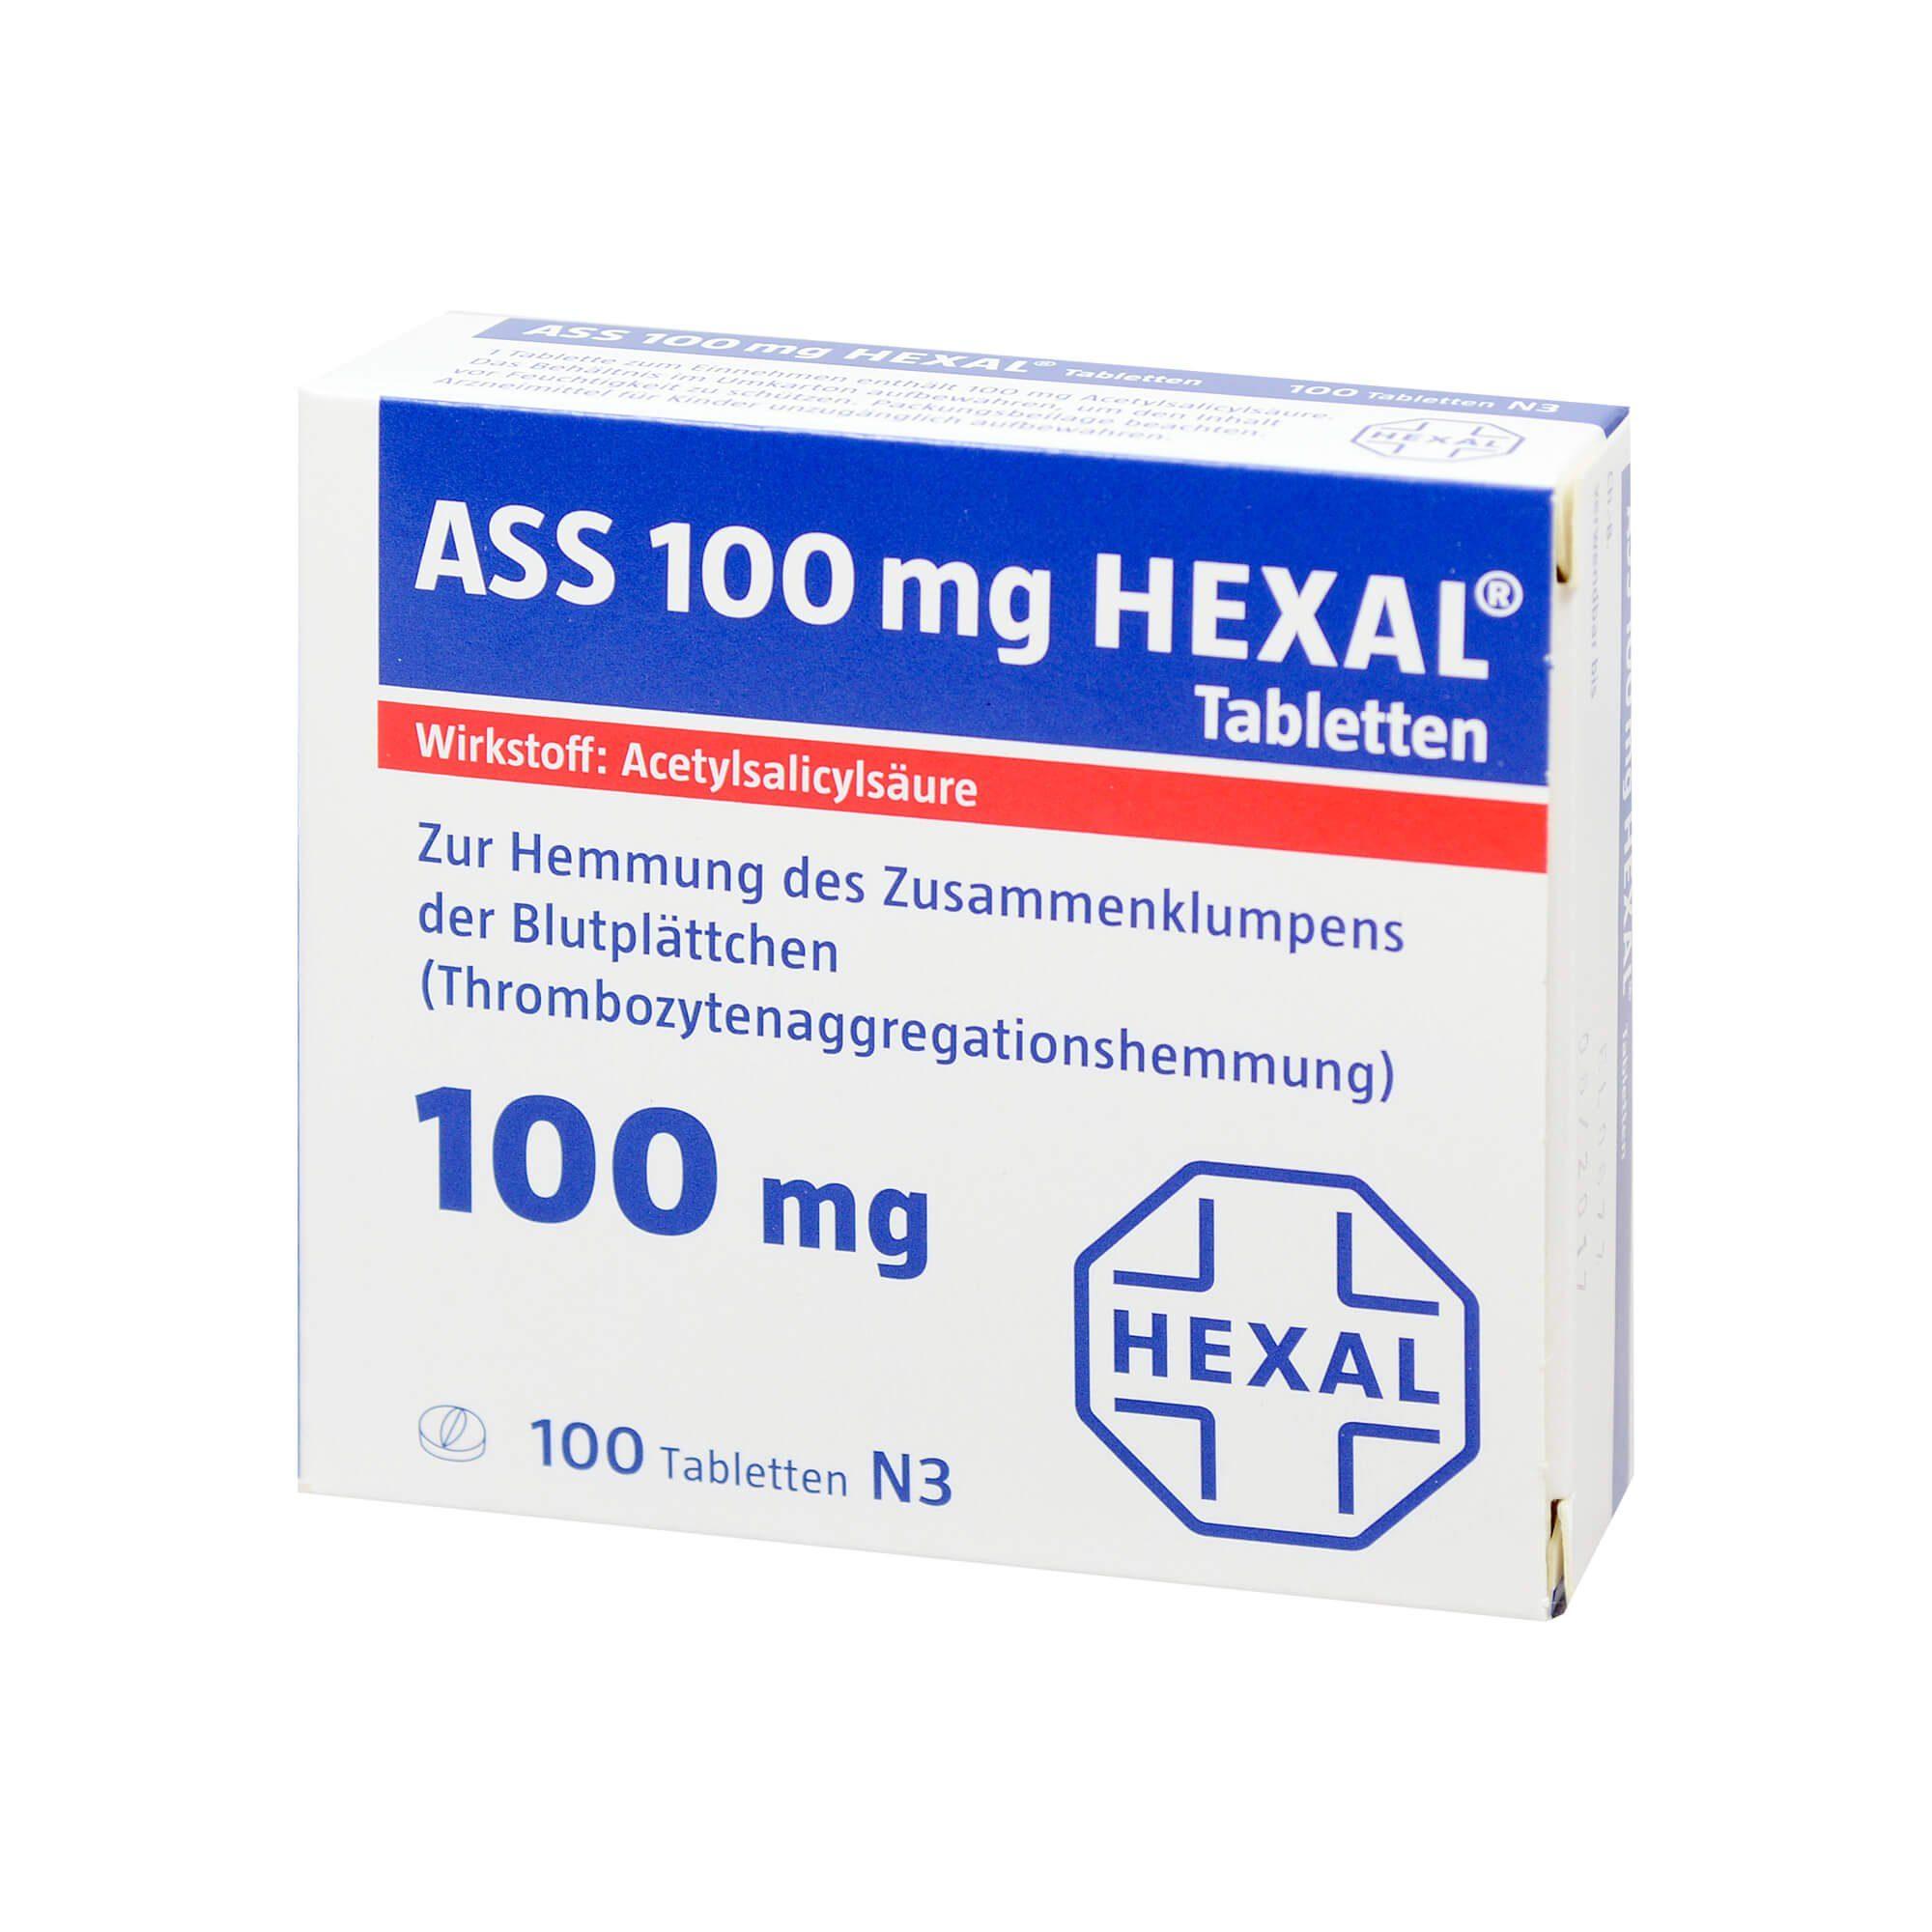 ASS 100 mg Hexal (, 100 St)